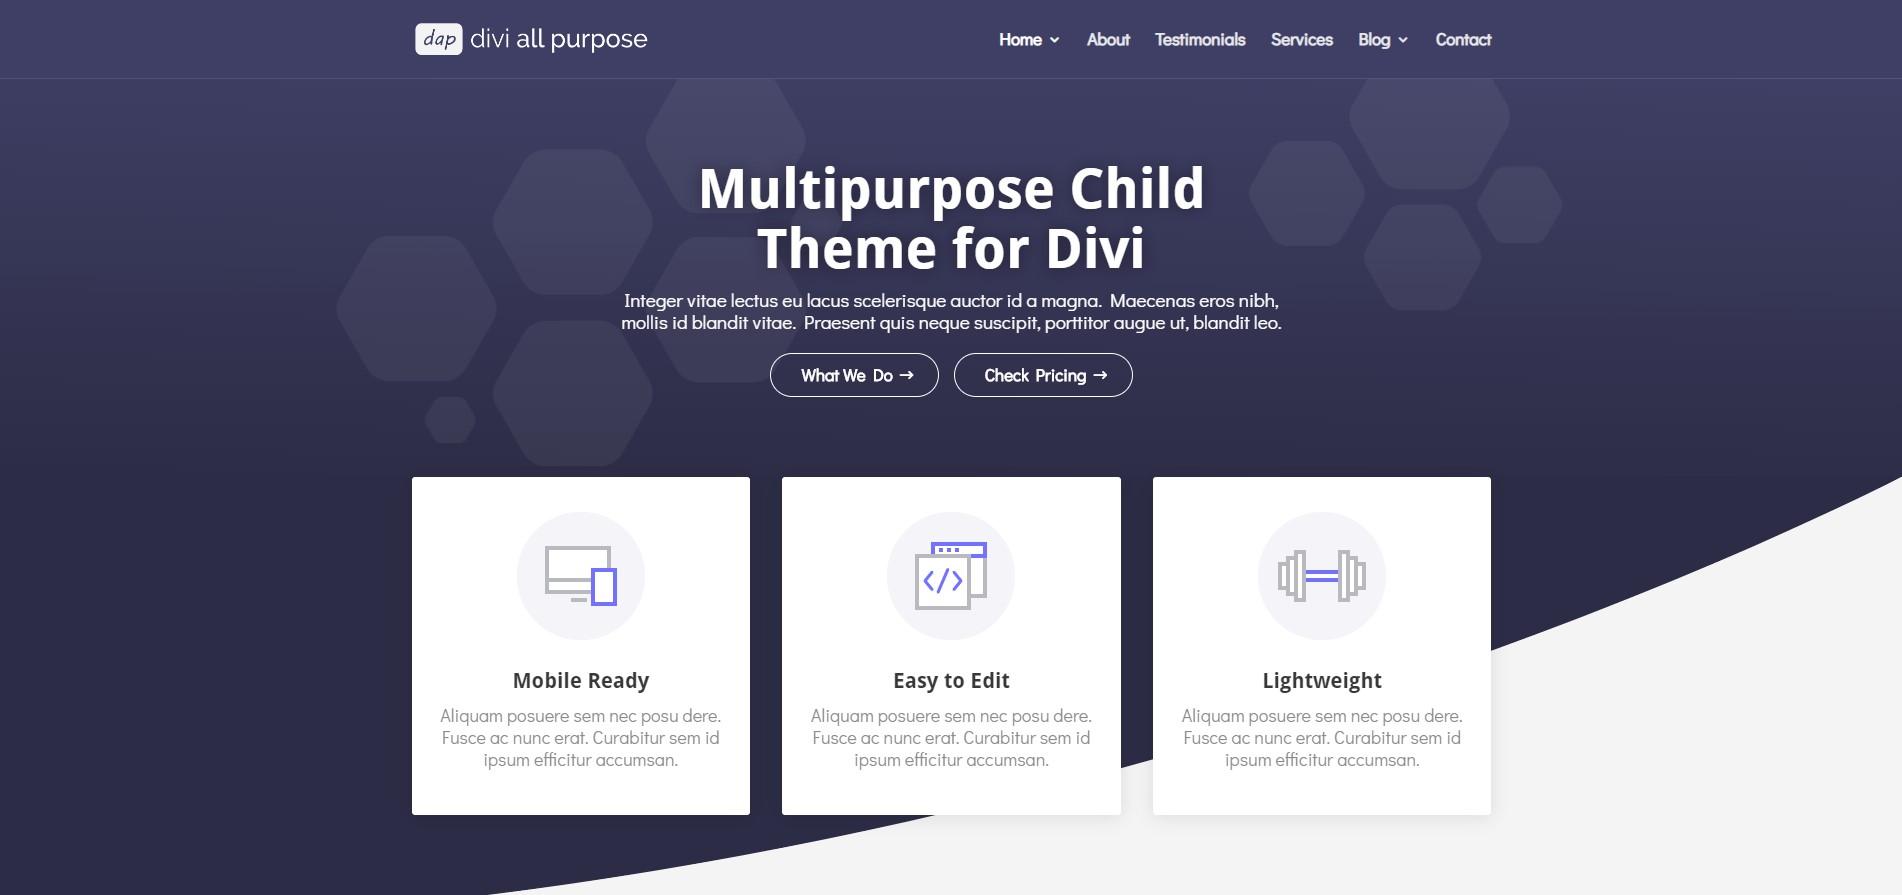 Multipurpose child theme